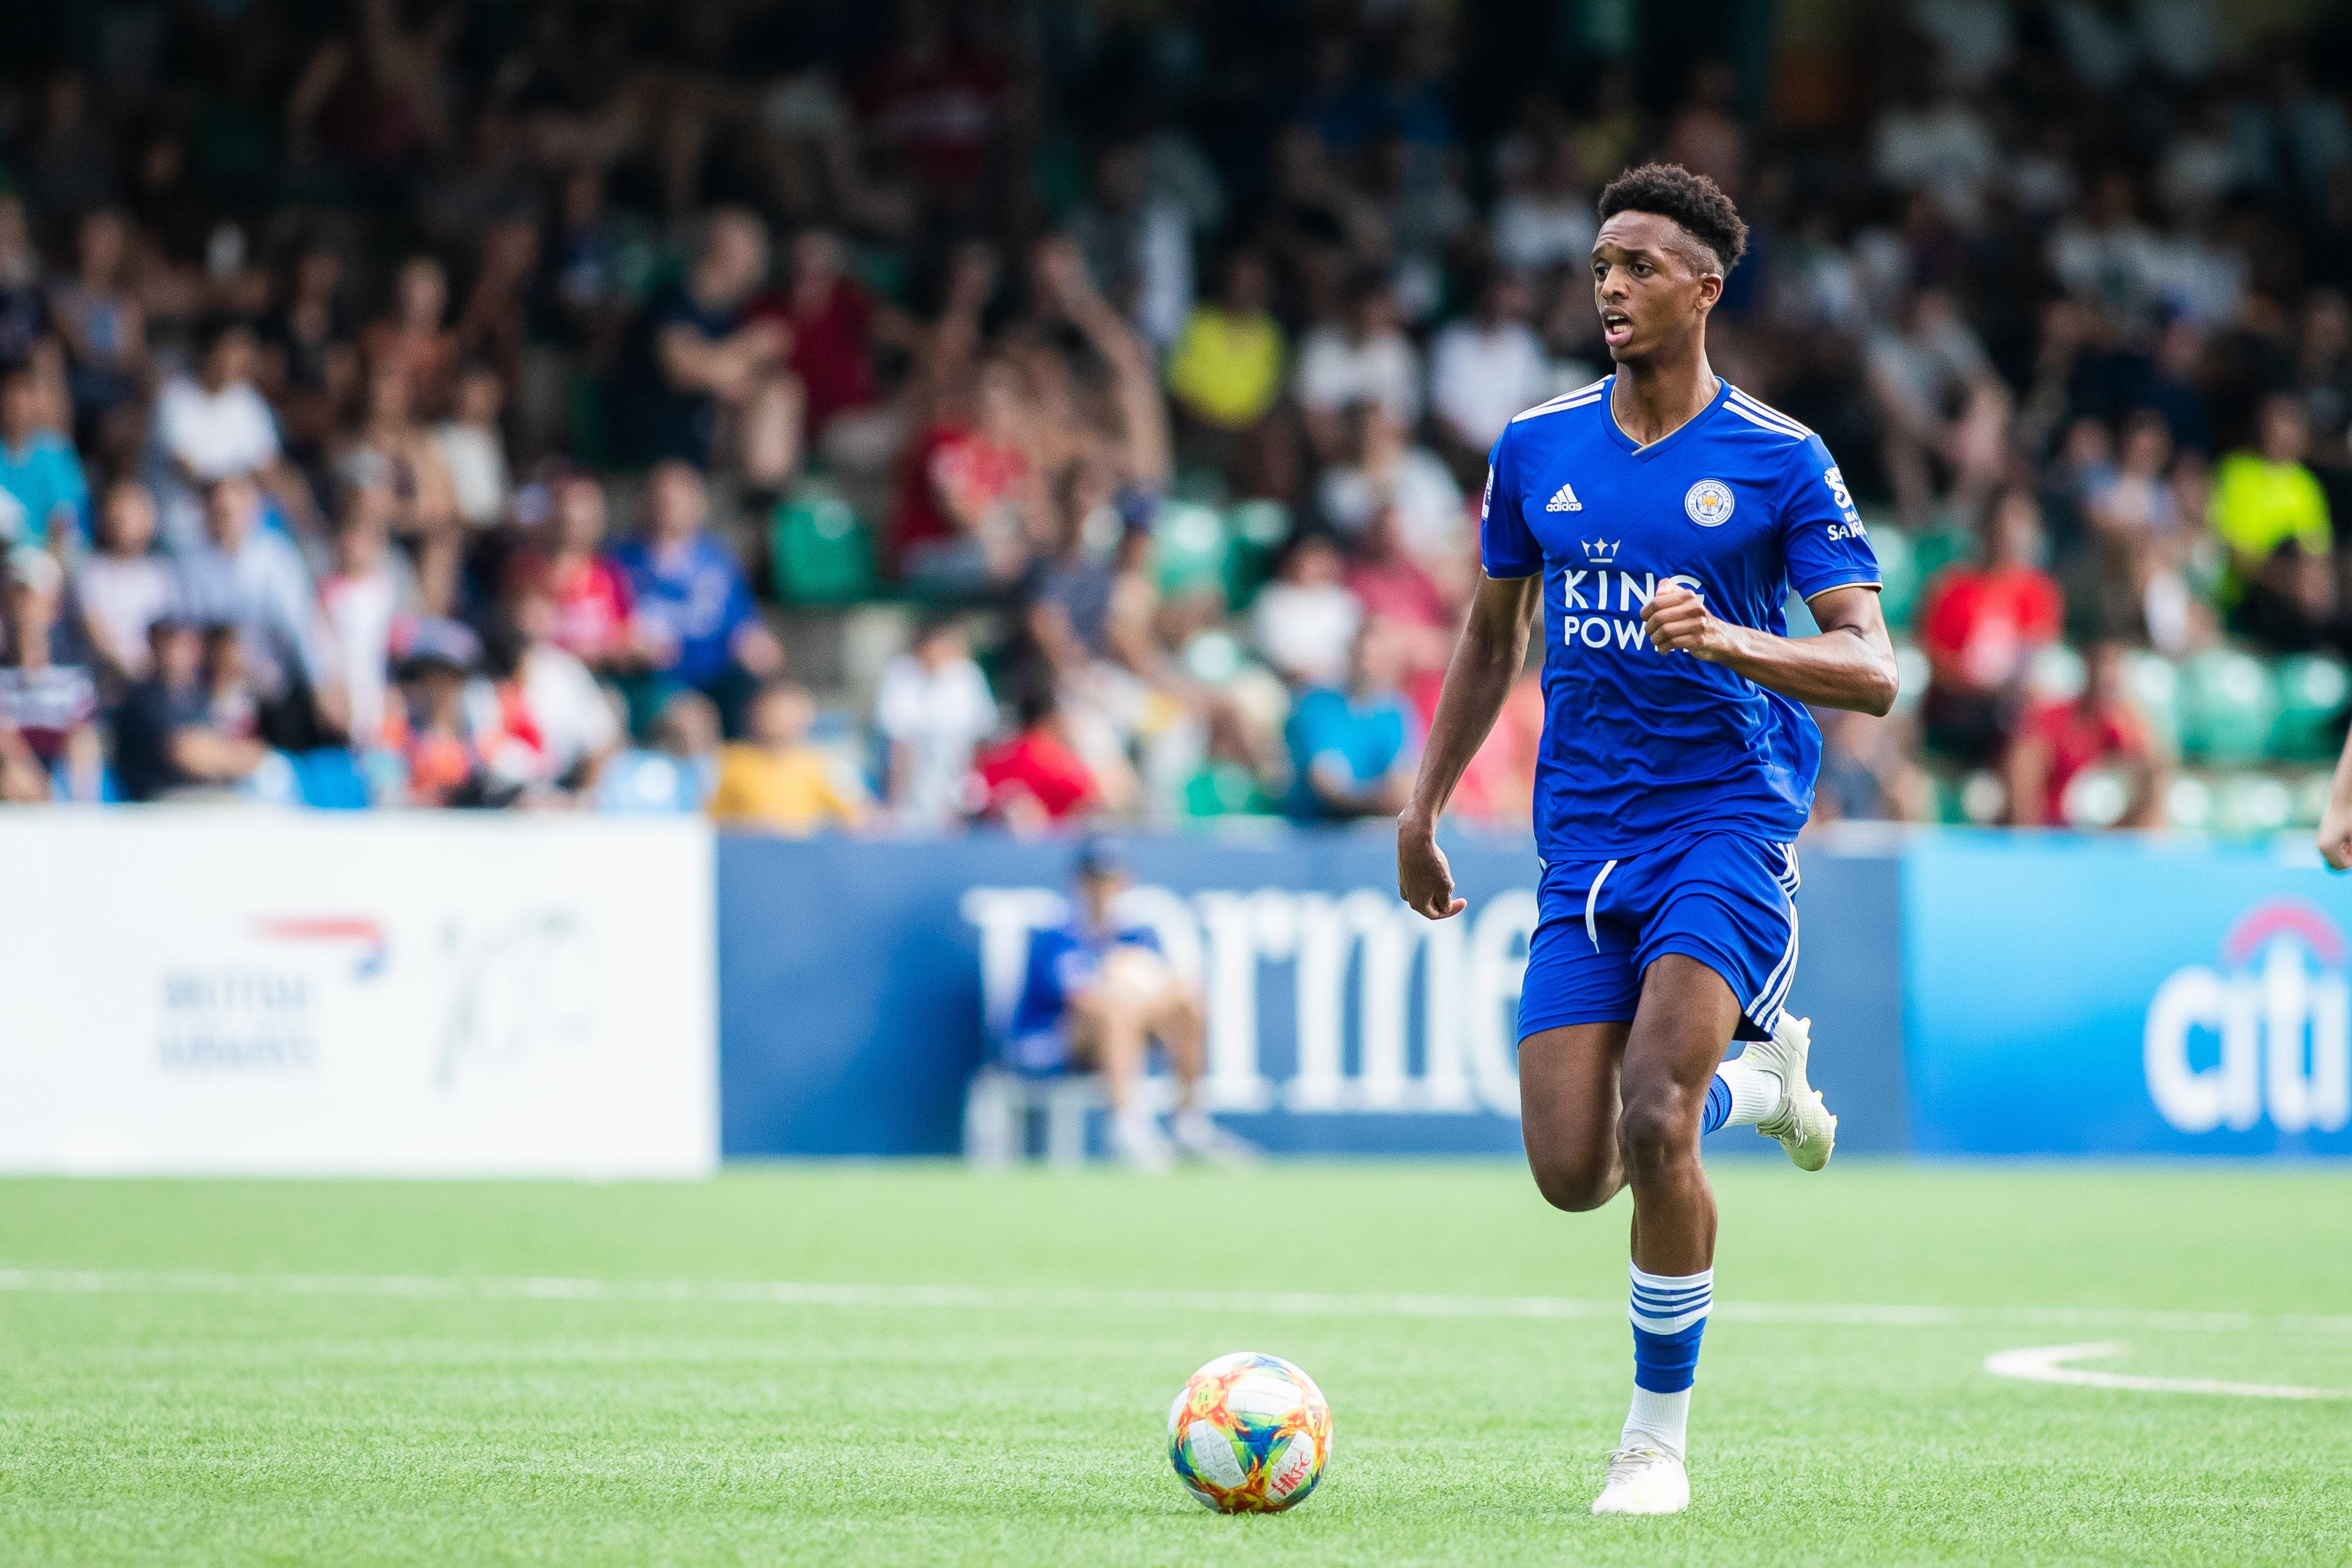 Cuarto suspensión Posteridad  Young Foxes Narrowly Defeated By Fulham In Burton